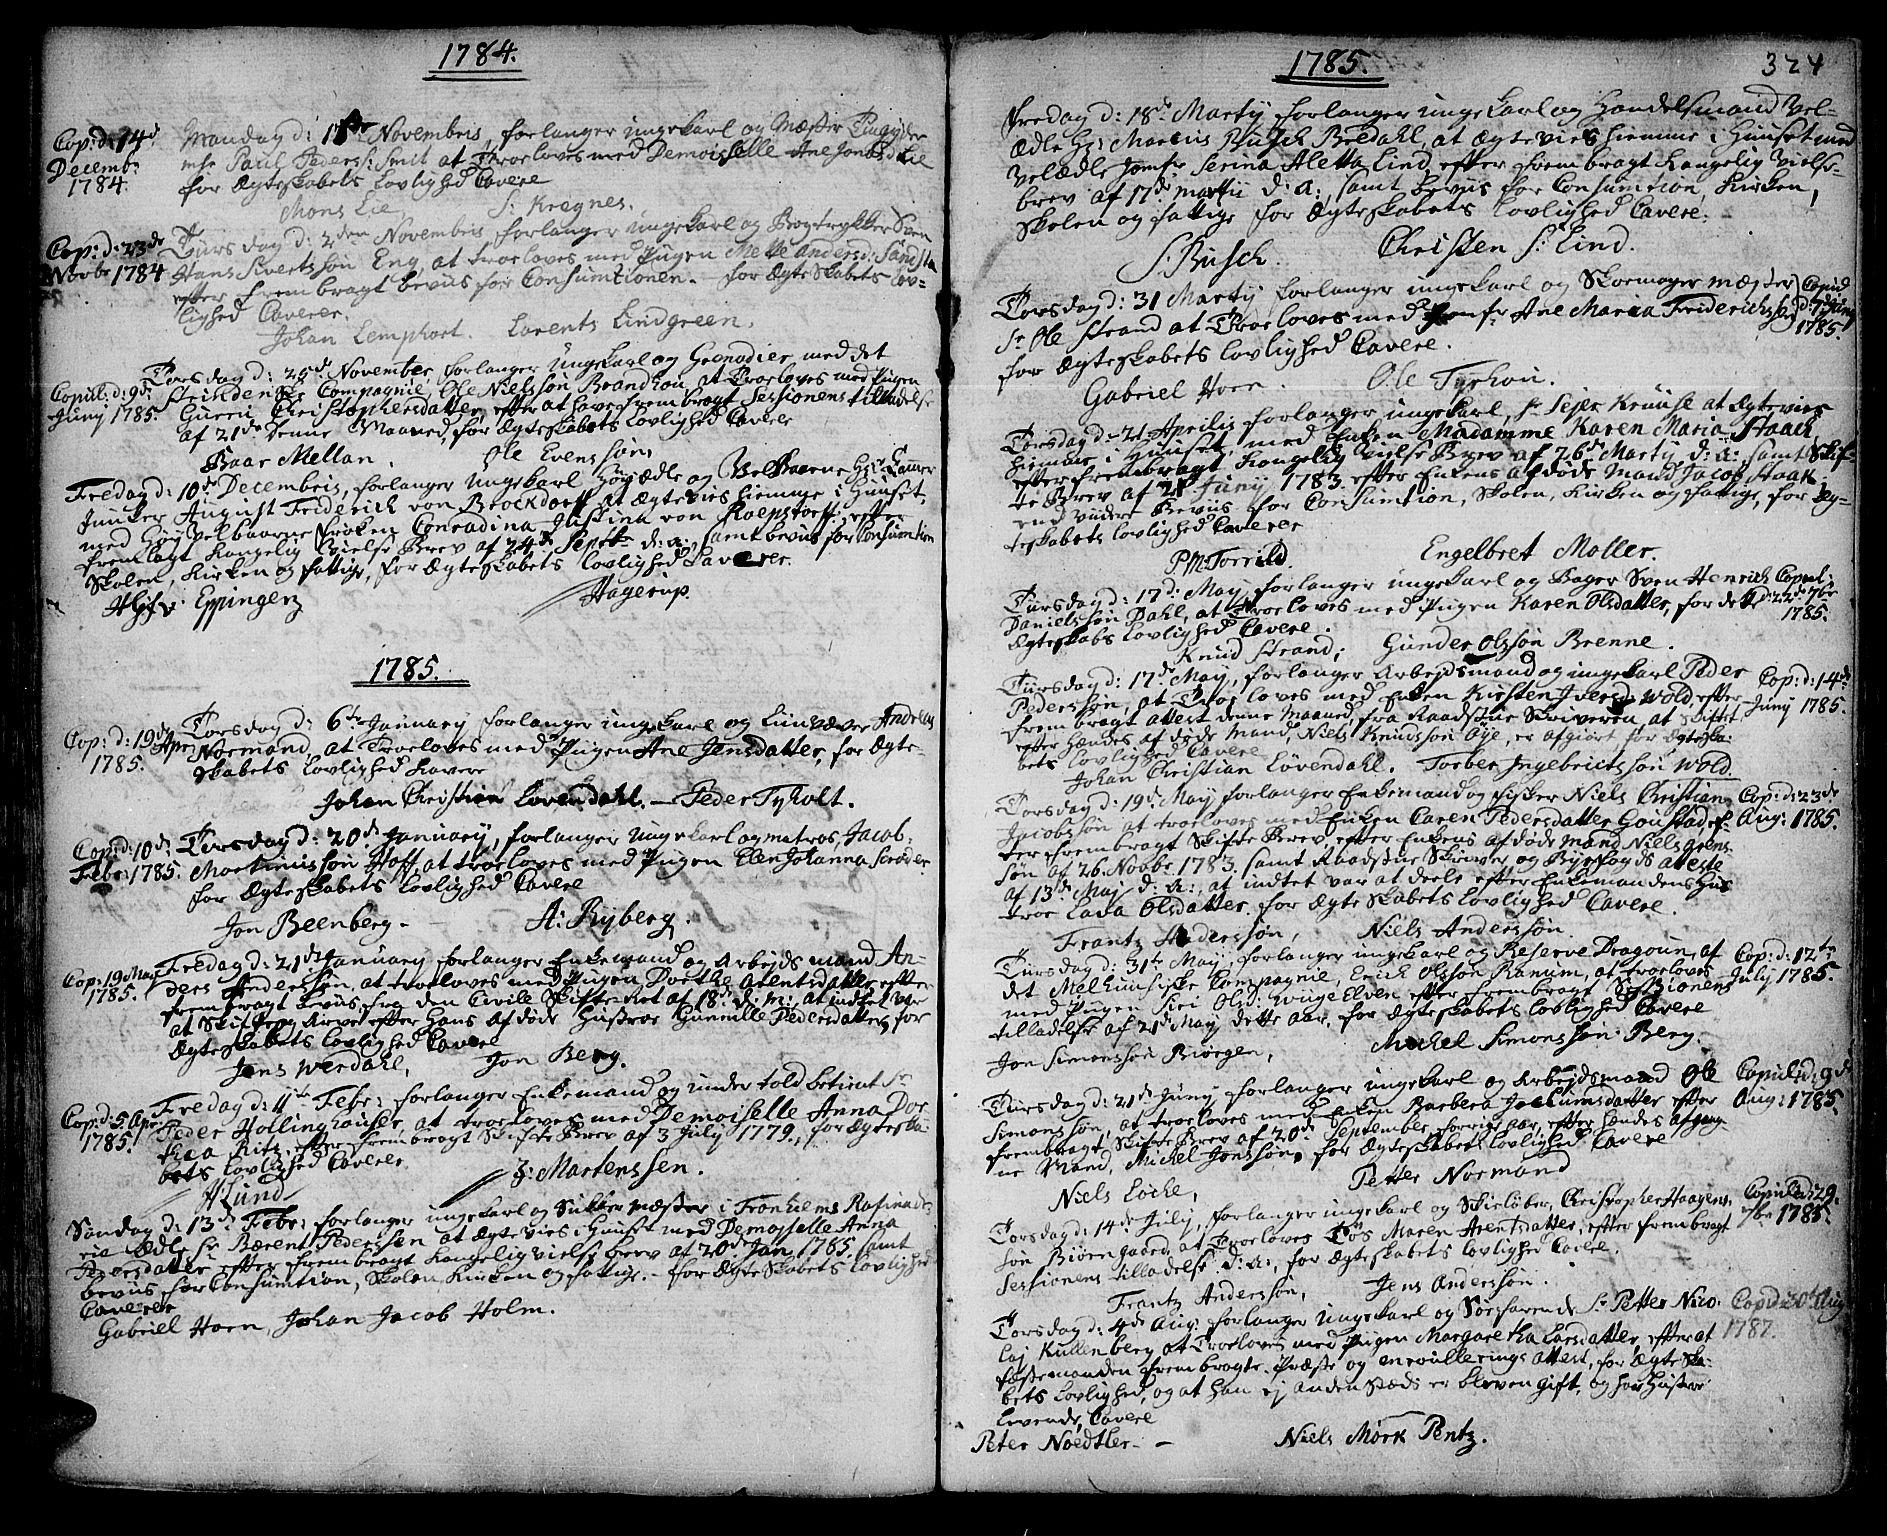 SAT, Ministerialprotokoller, klokkerbøker og fødselsregistre - Sør-Trøndelag, 601/L0038: Ministerialbok nr. 601A06, 1766-1877, s. 324